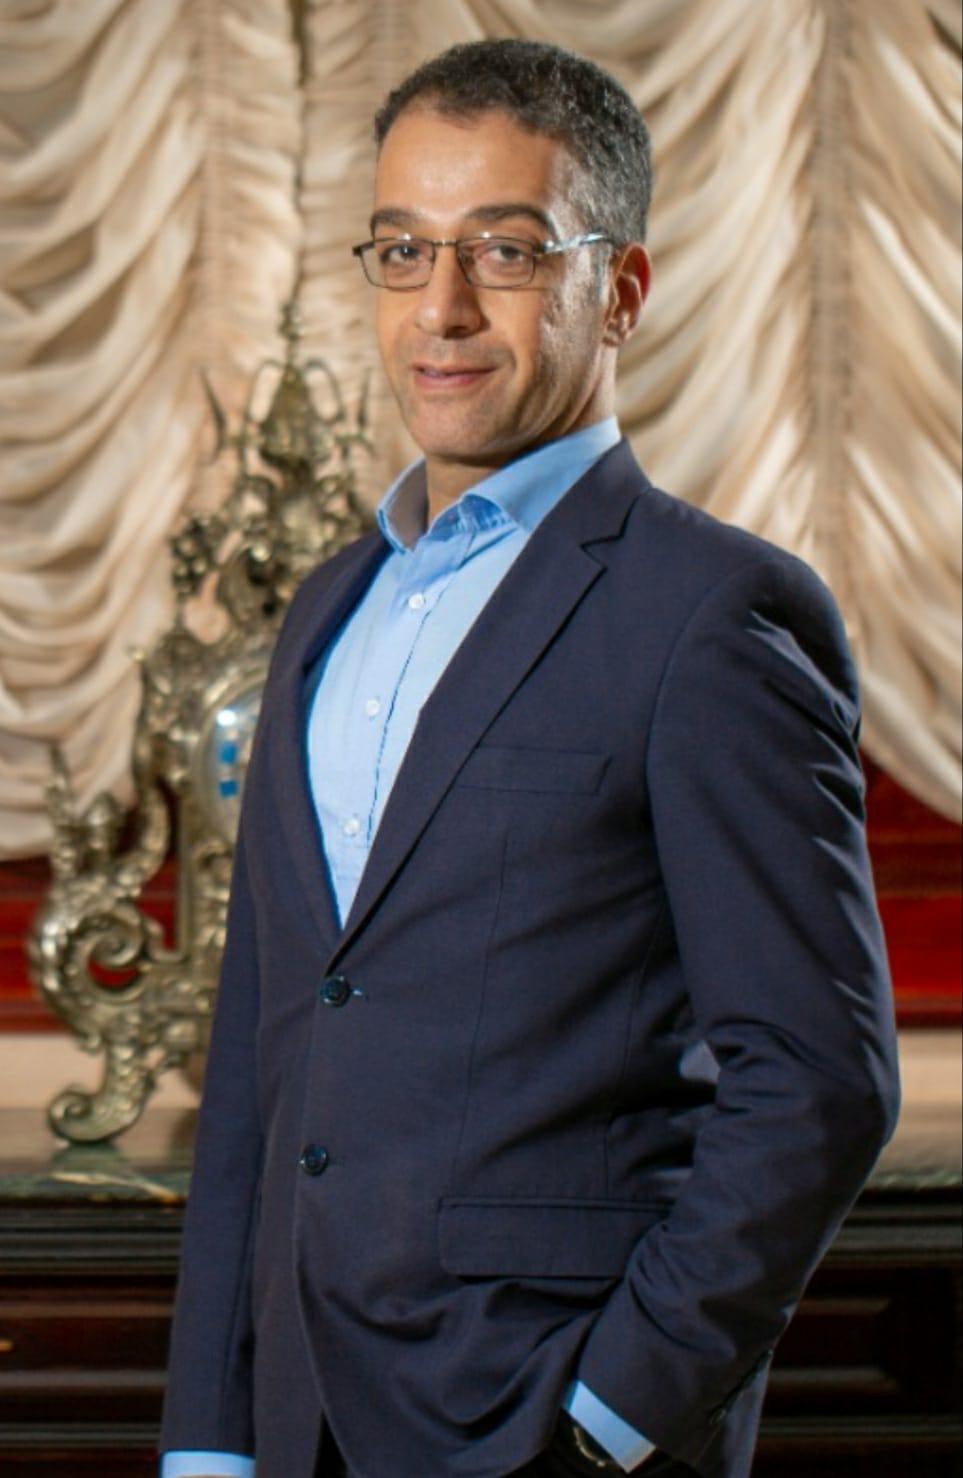 هيلتون الكورنيش بالاسكندرية يحصل جائزة أفضل فندق فـ البزنس